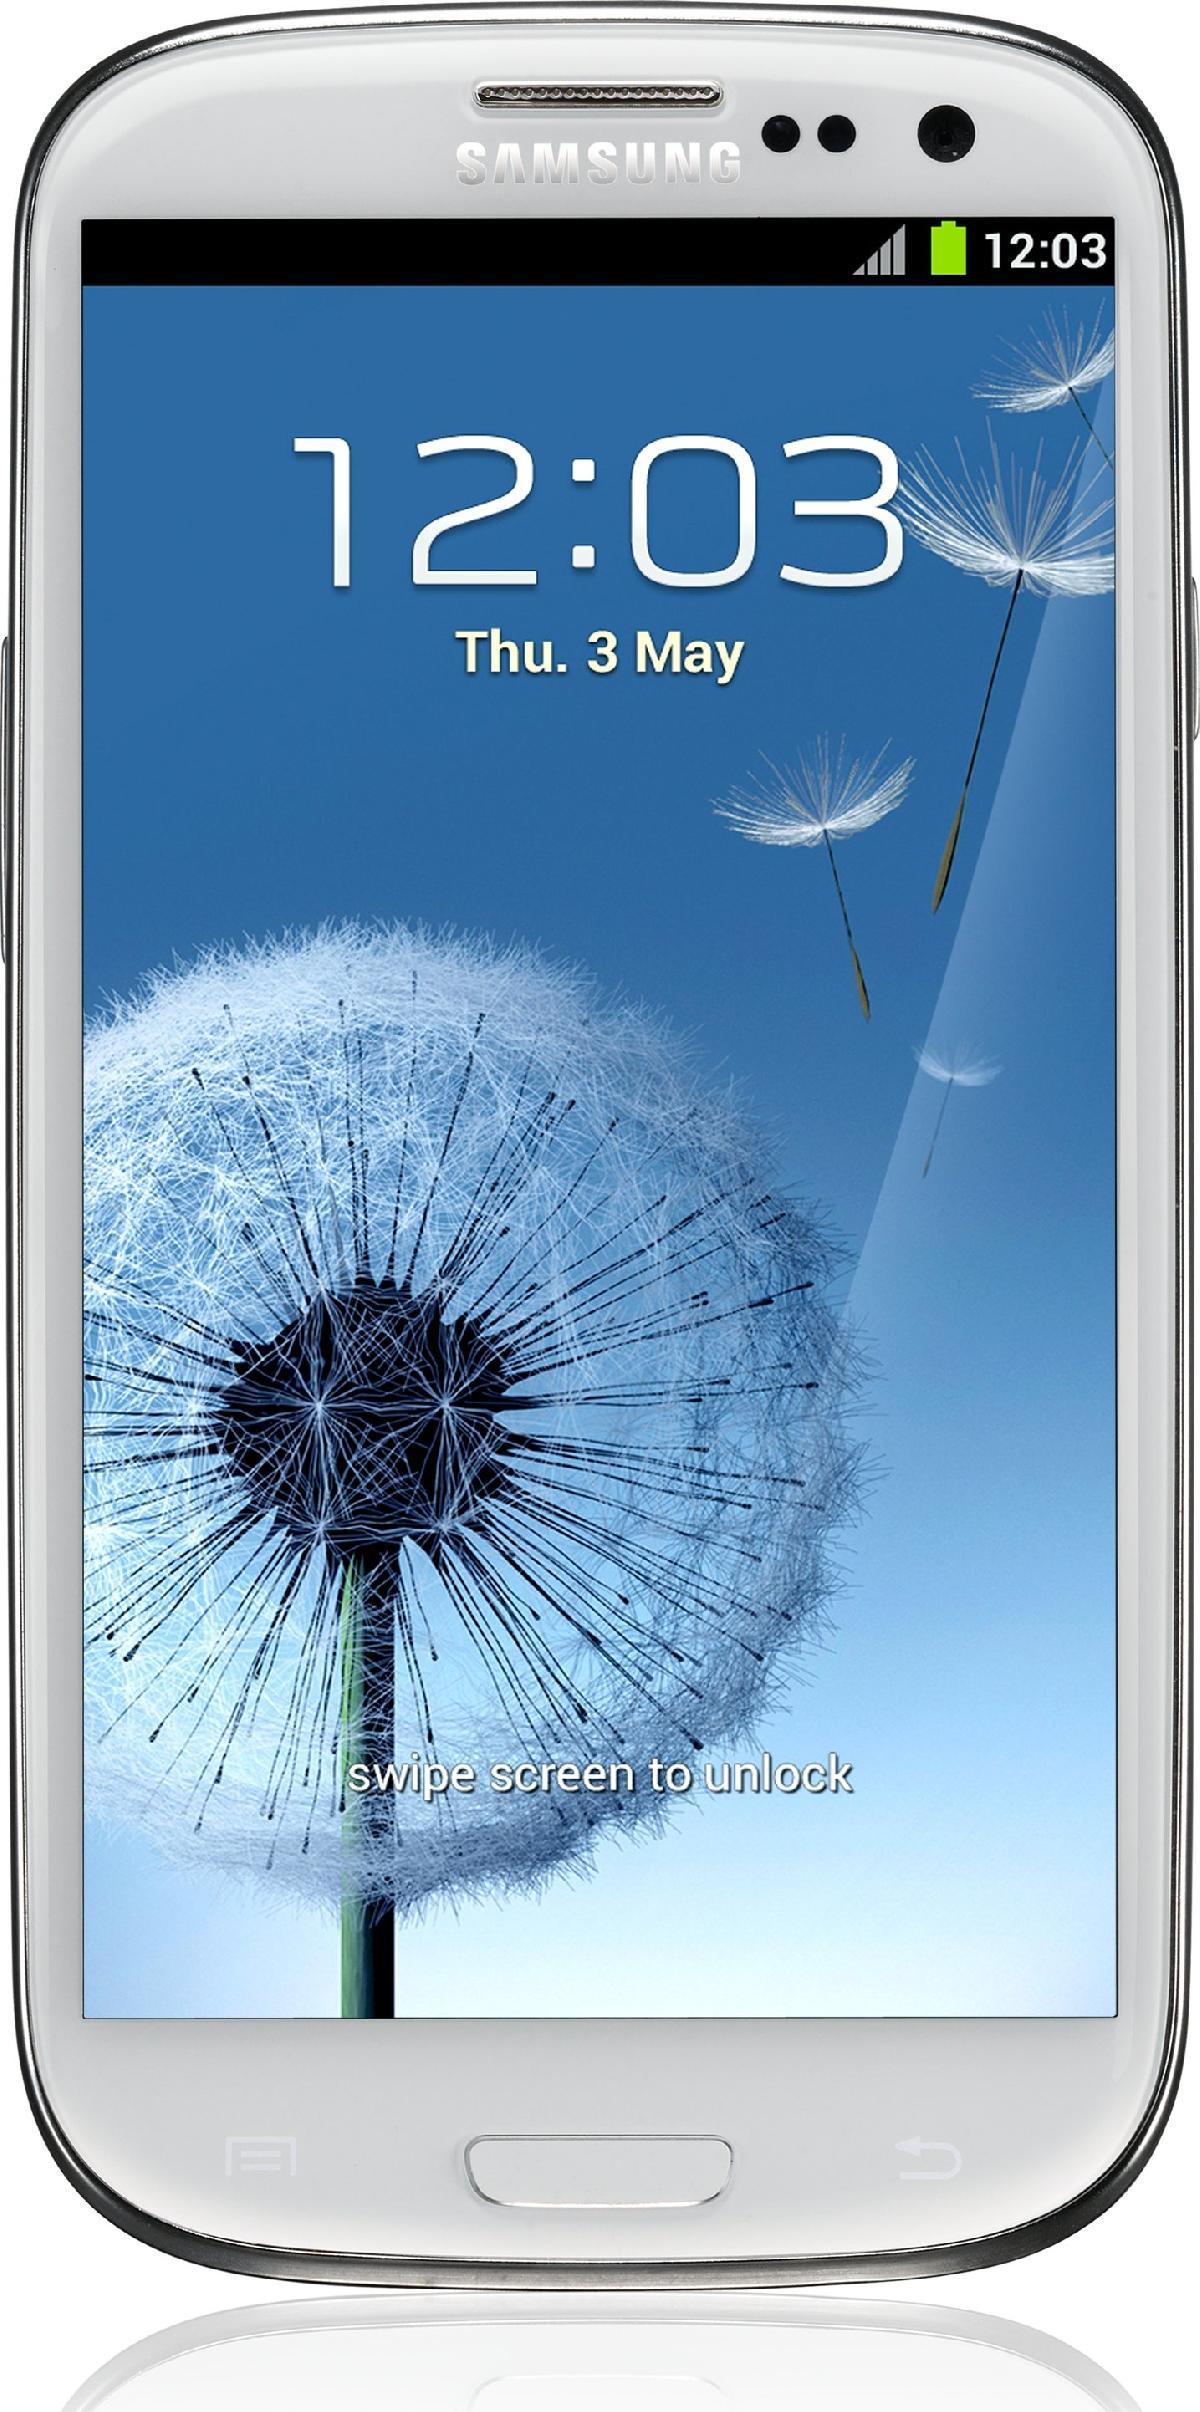 Galaxy S 3 (International) GT-I9300